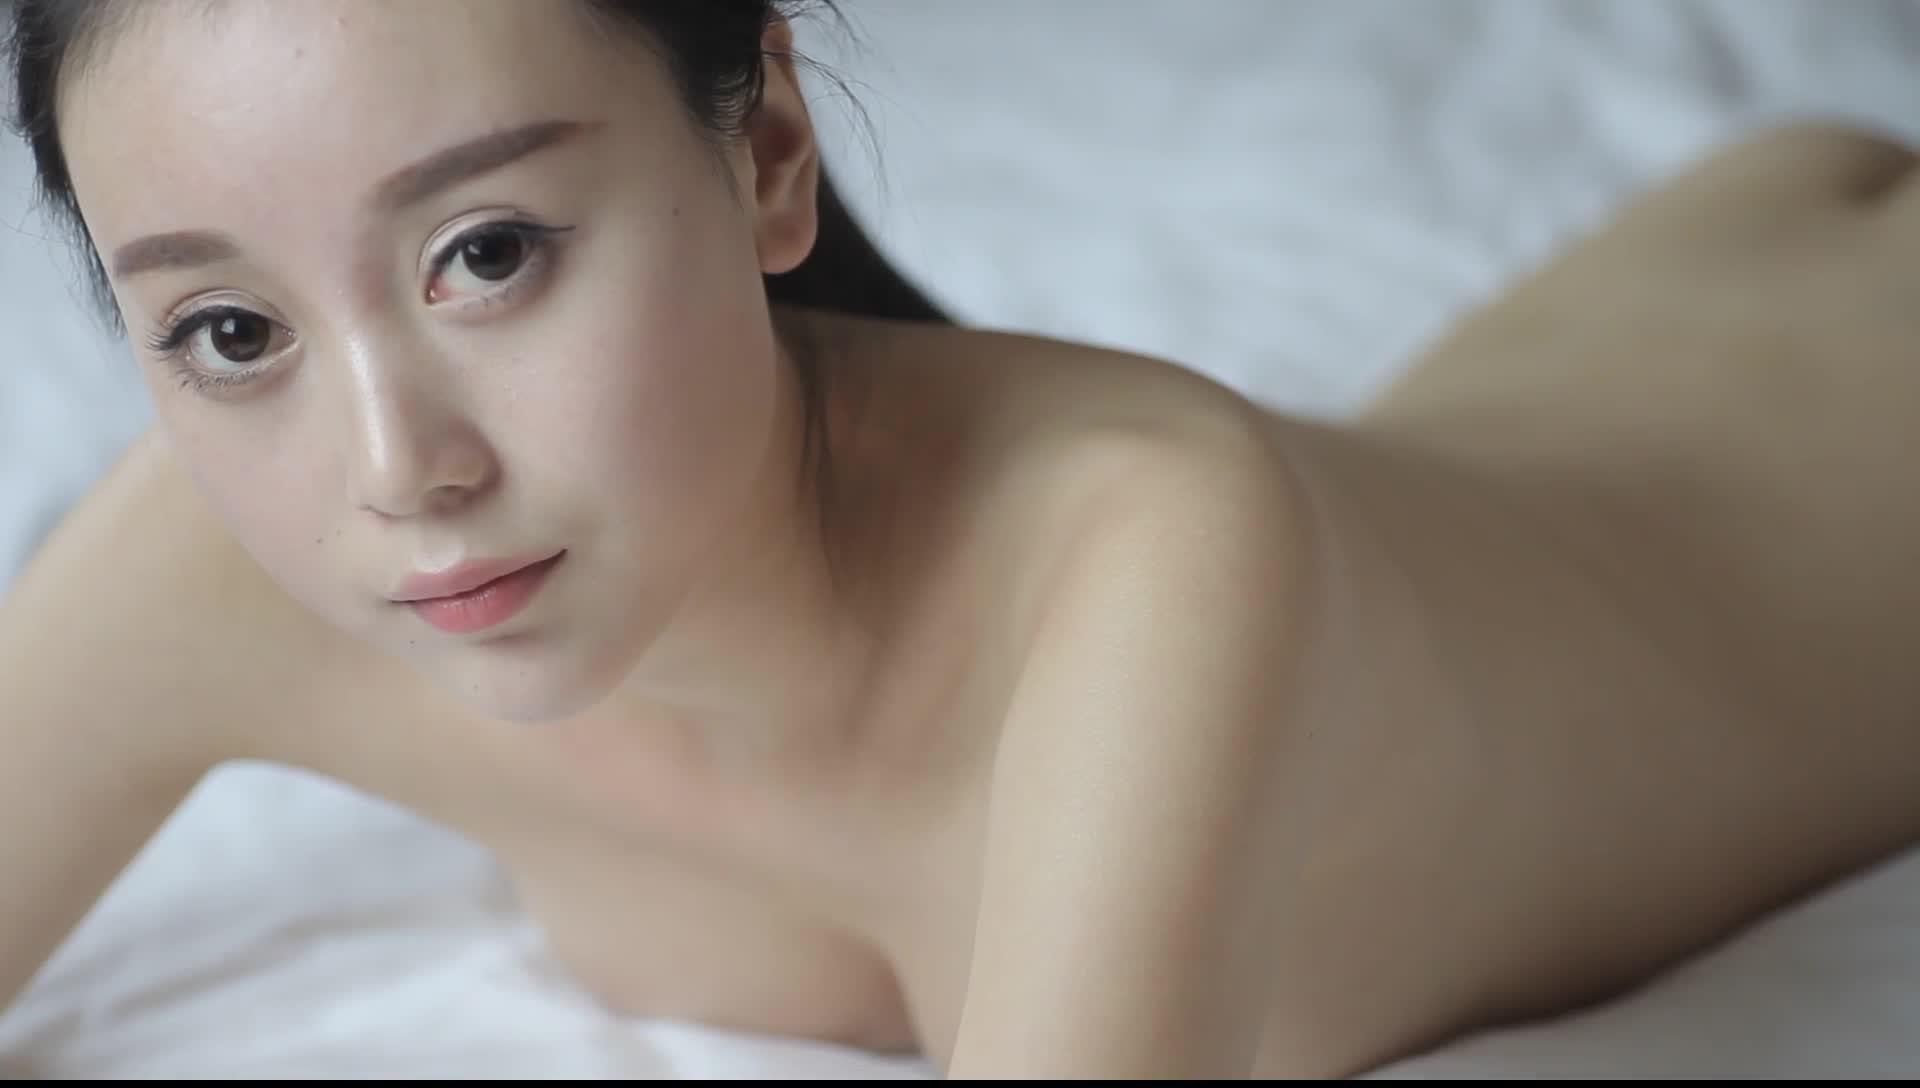 高颜值人气网红大胆全裸私房拍摄雪白无瑕的身体貌似还是白虎国语对白1080P超清原版